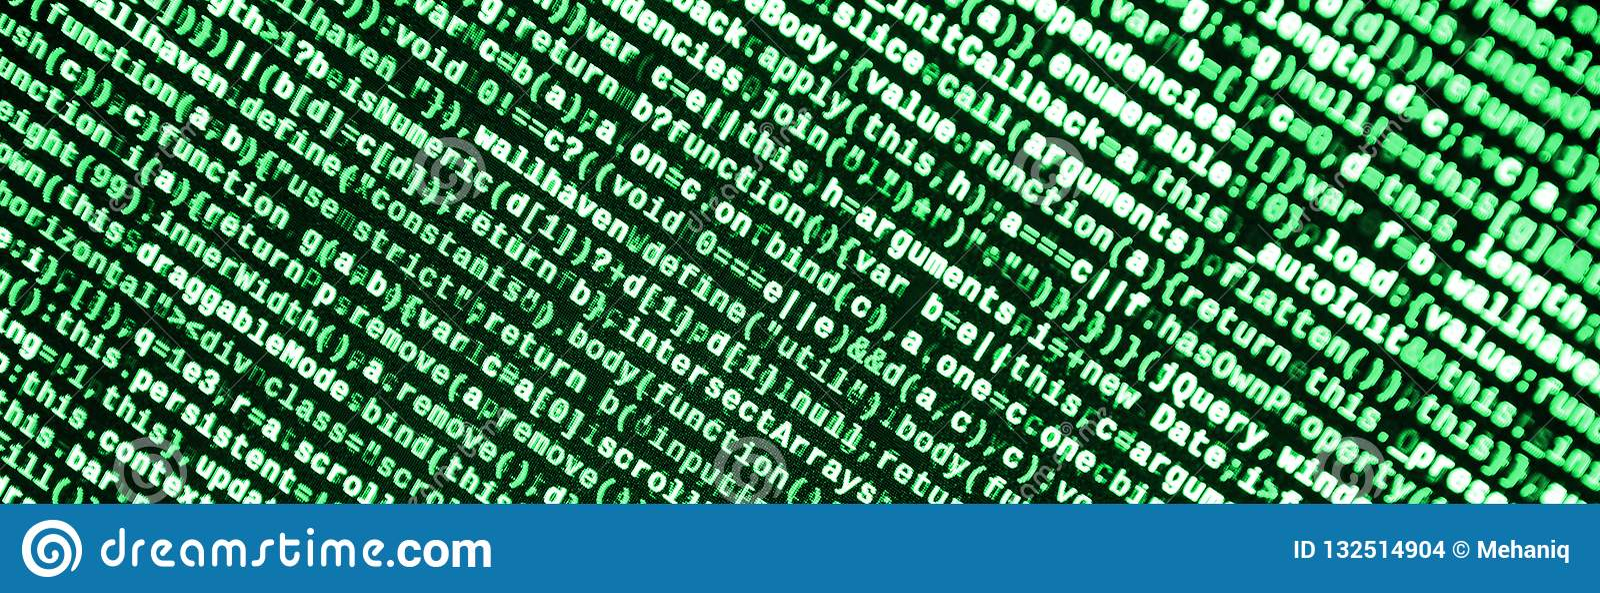 Javascriptfunktionen, Variablen, Gegenstände Überwachen Sie Nahaufnahme des Funktionsquellcodes IT-Fachmann-Arbeitsplatz